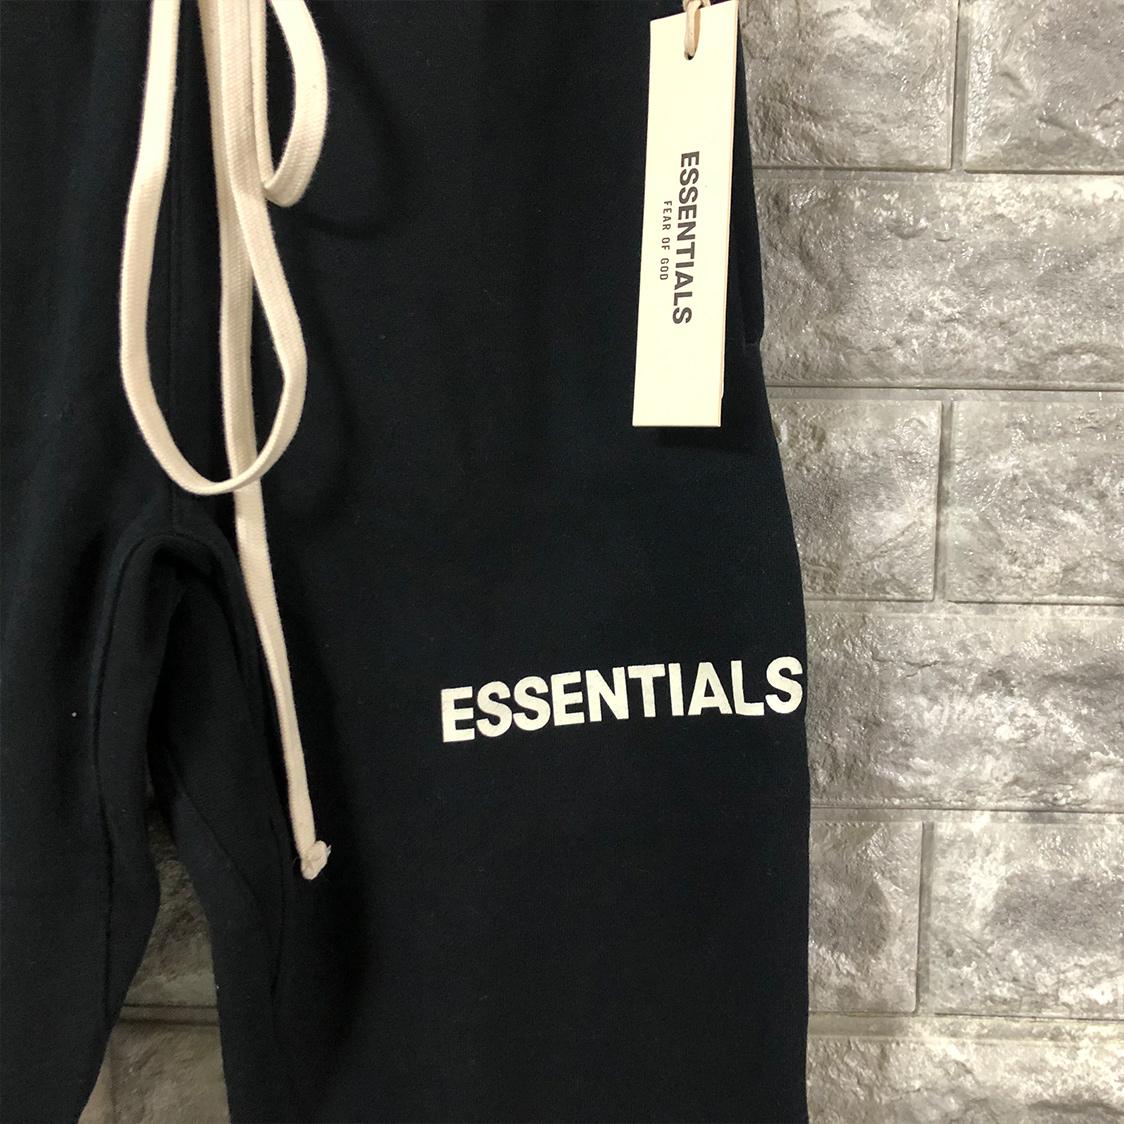 新品【XSサイズ】FOG Fear Of God Essentials フィアオブゴッド エッセンシャルズ スウェット パンツ ブラック フォグ エッセンシャル【PACSUN購入 正規品】